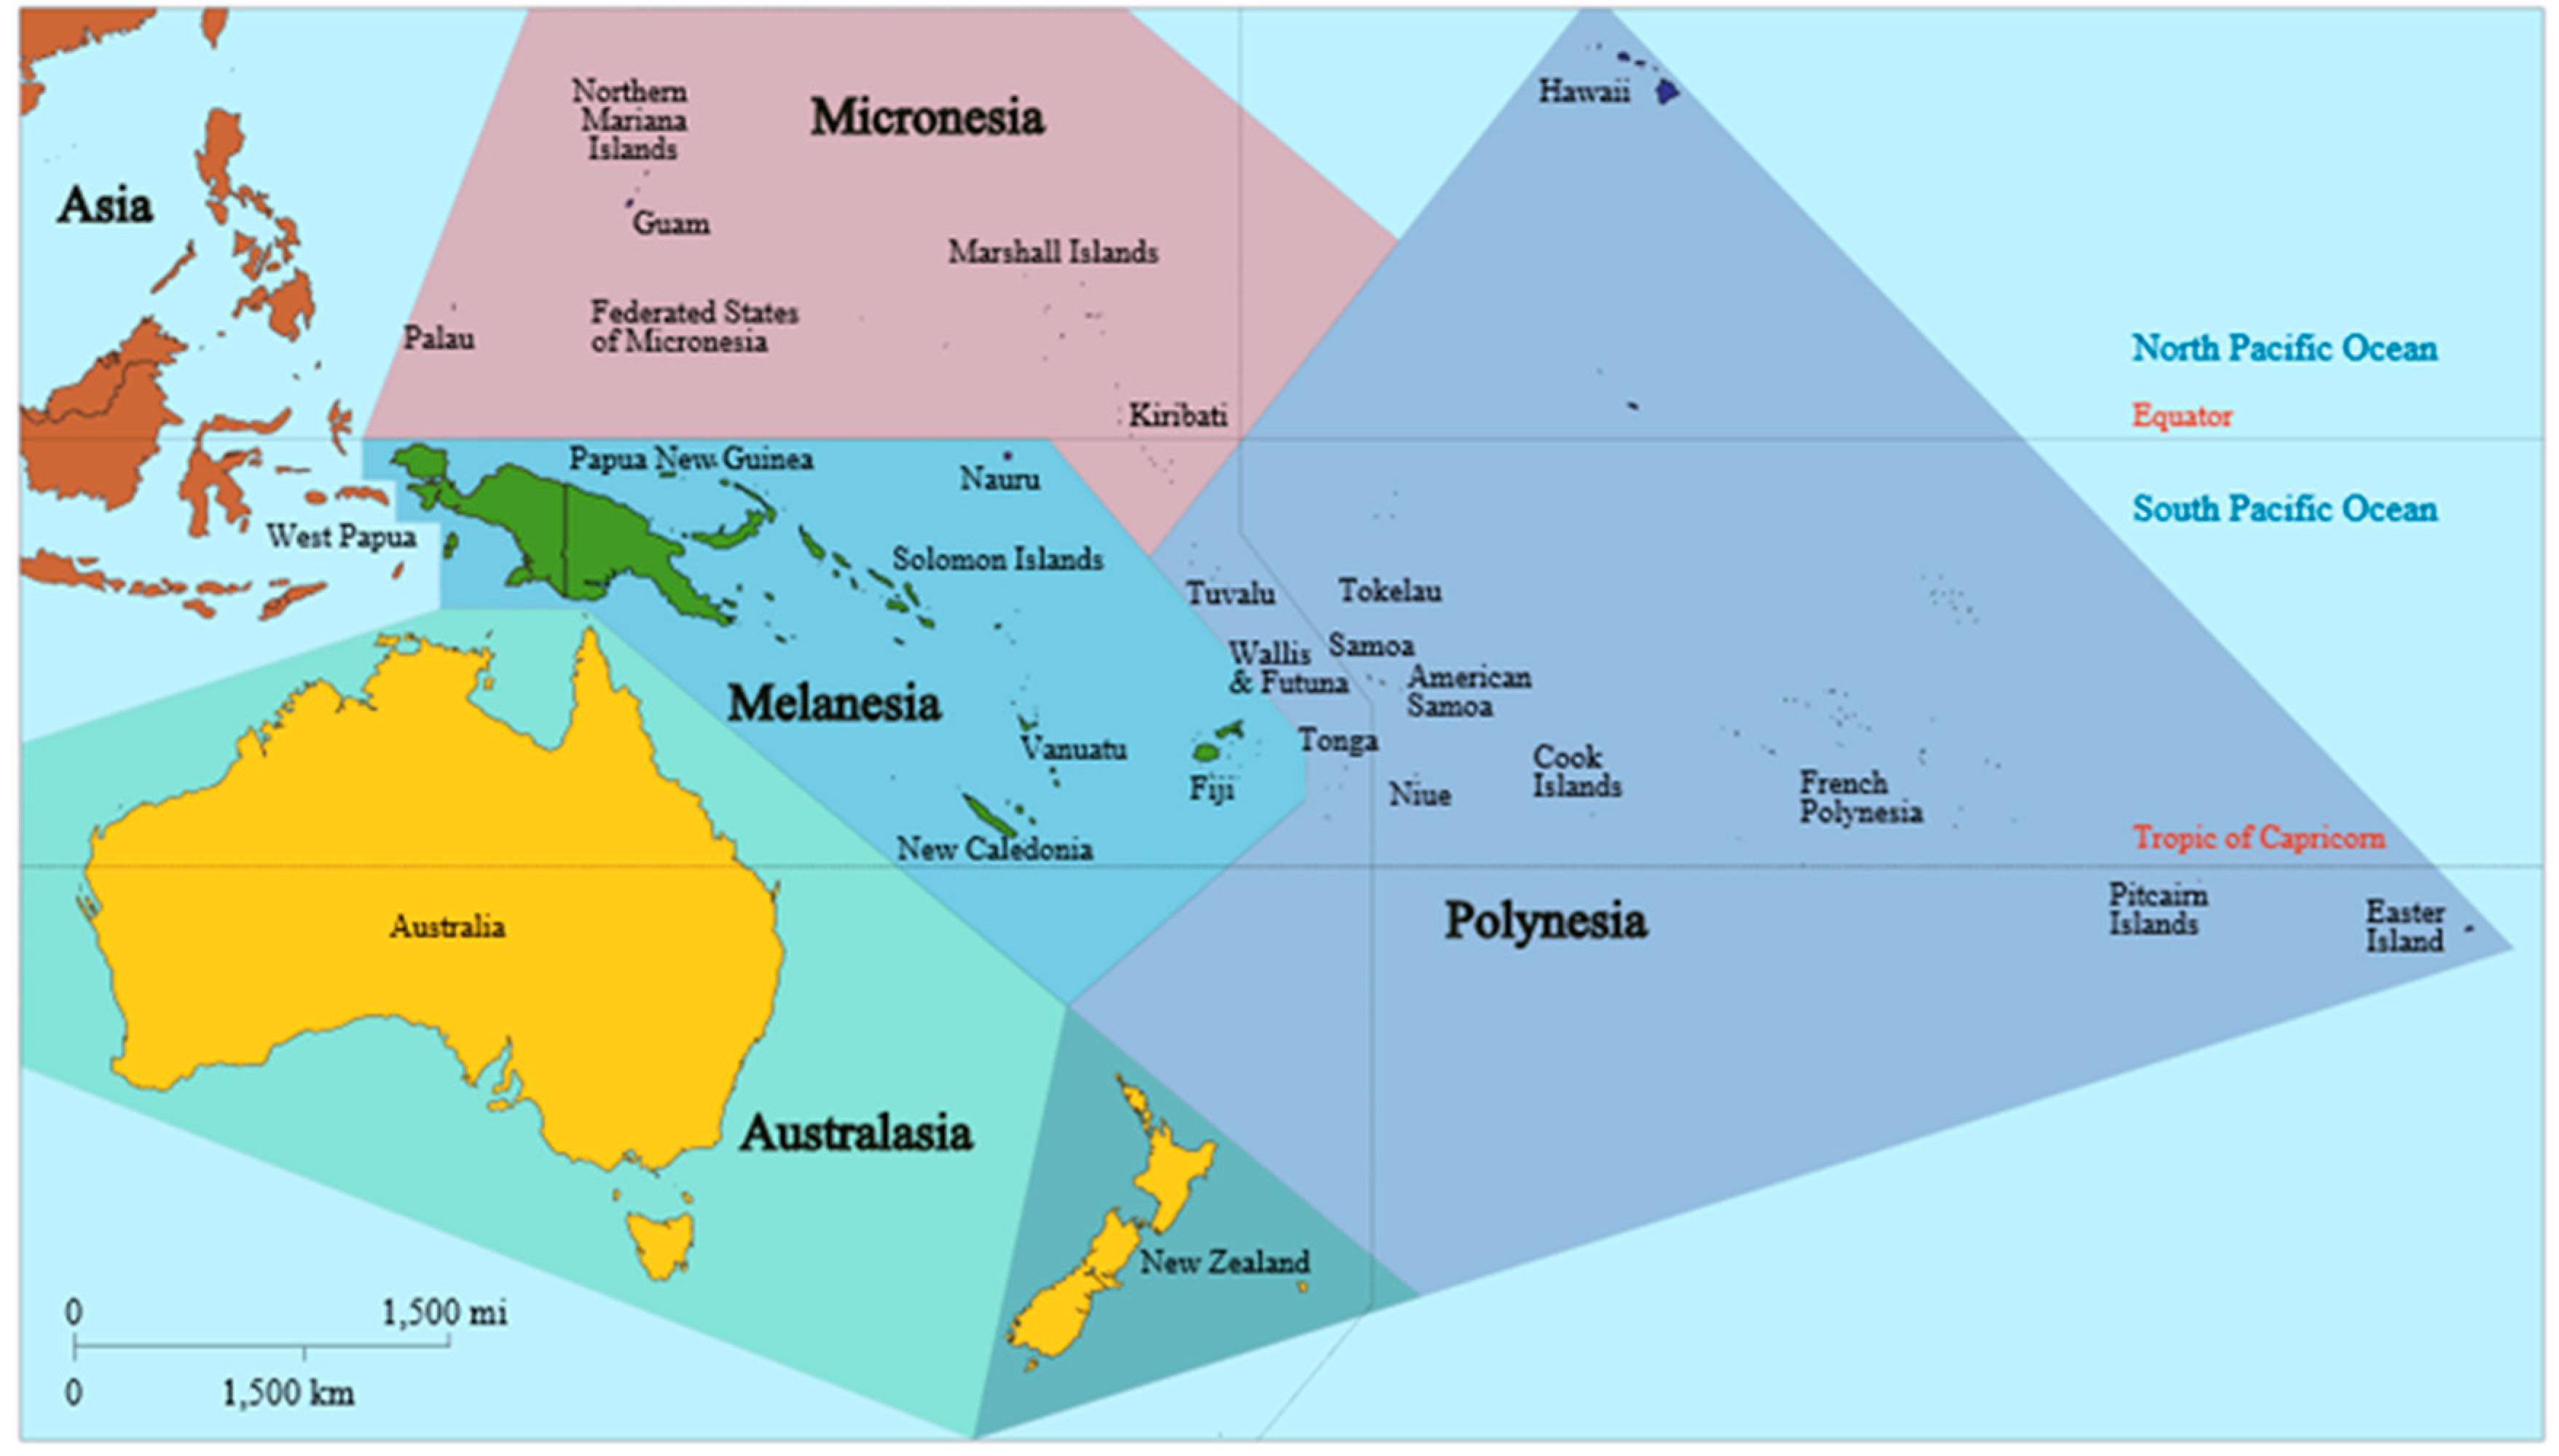 Oceania map with Micronesia, Polynesia, Melanesia, and Australasia ...